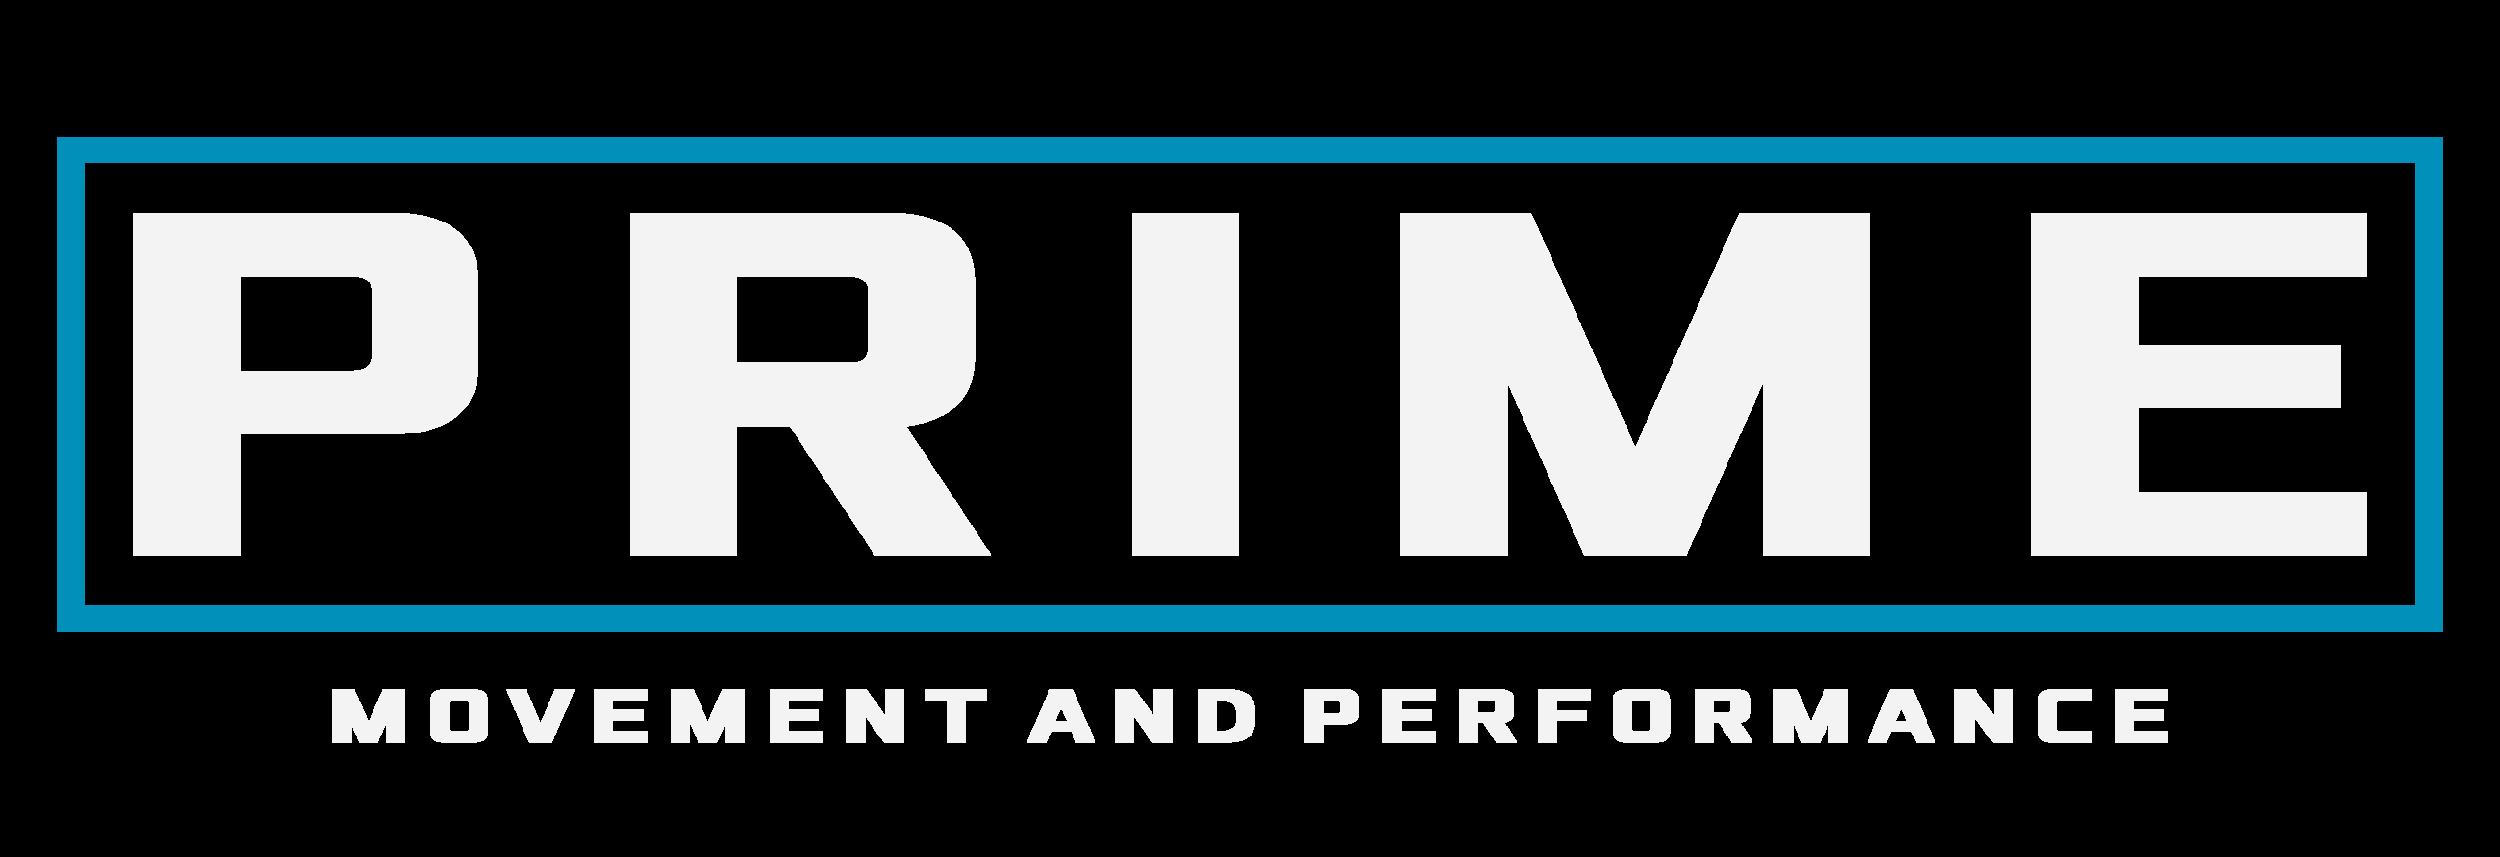 PrimeFooter.png